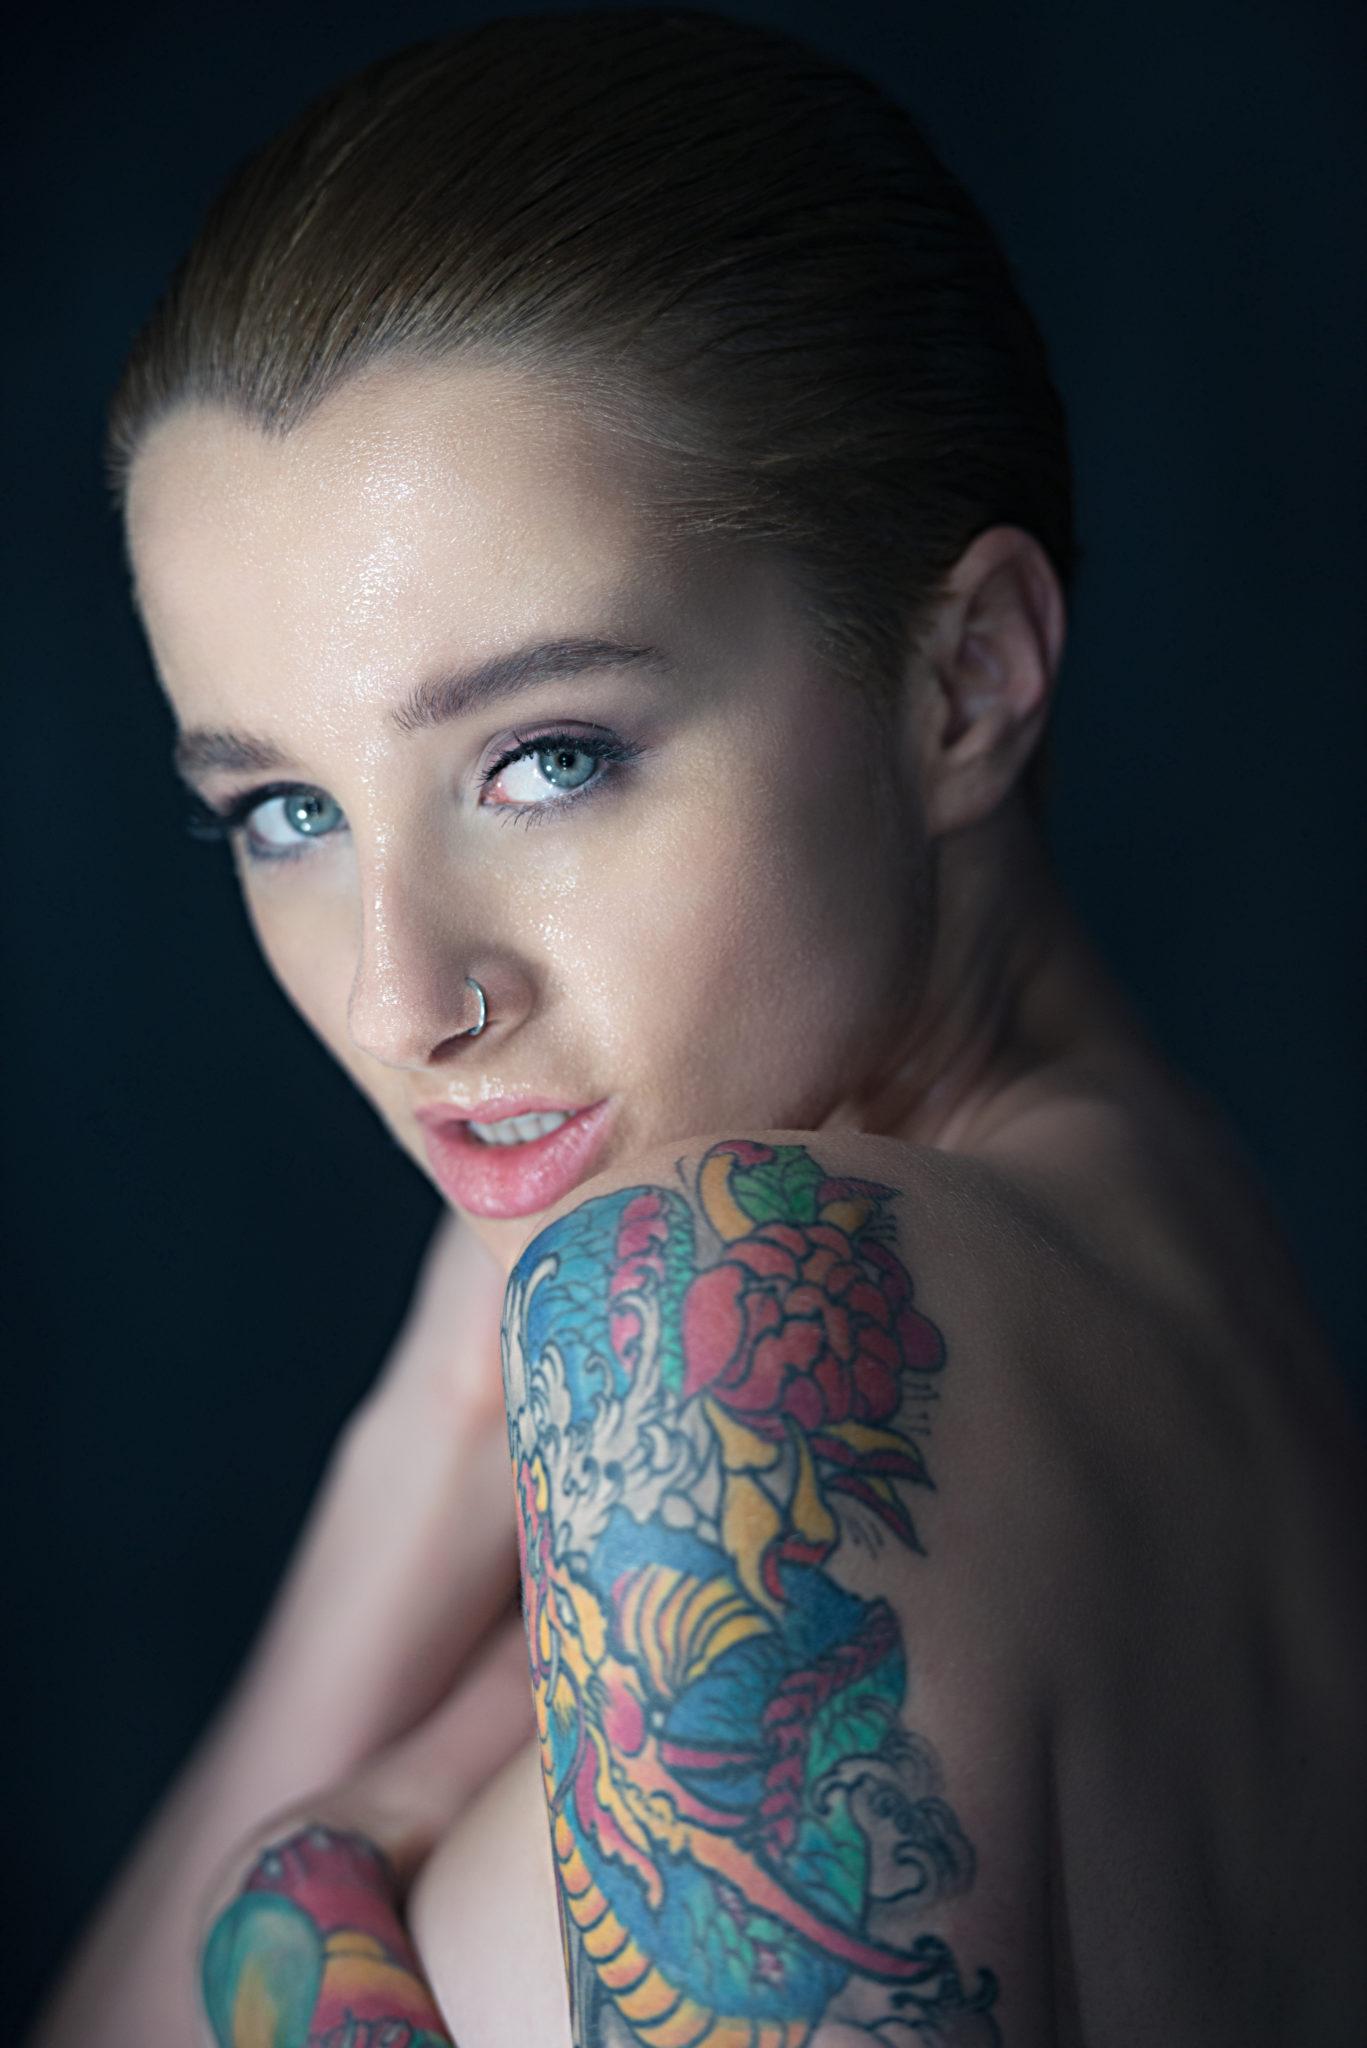 Экспресс фотосессия, портрет, девушка в пол-оборота к фотографу